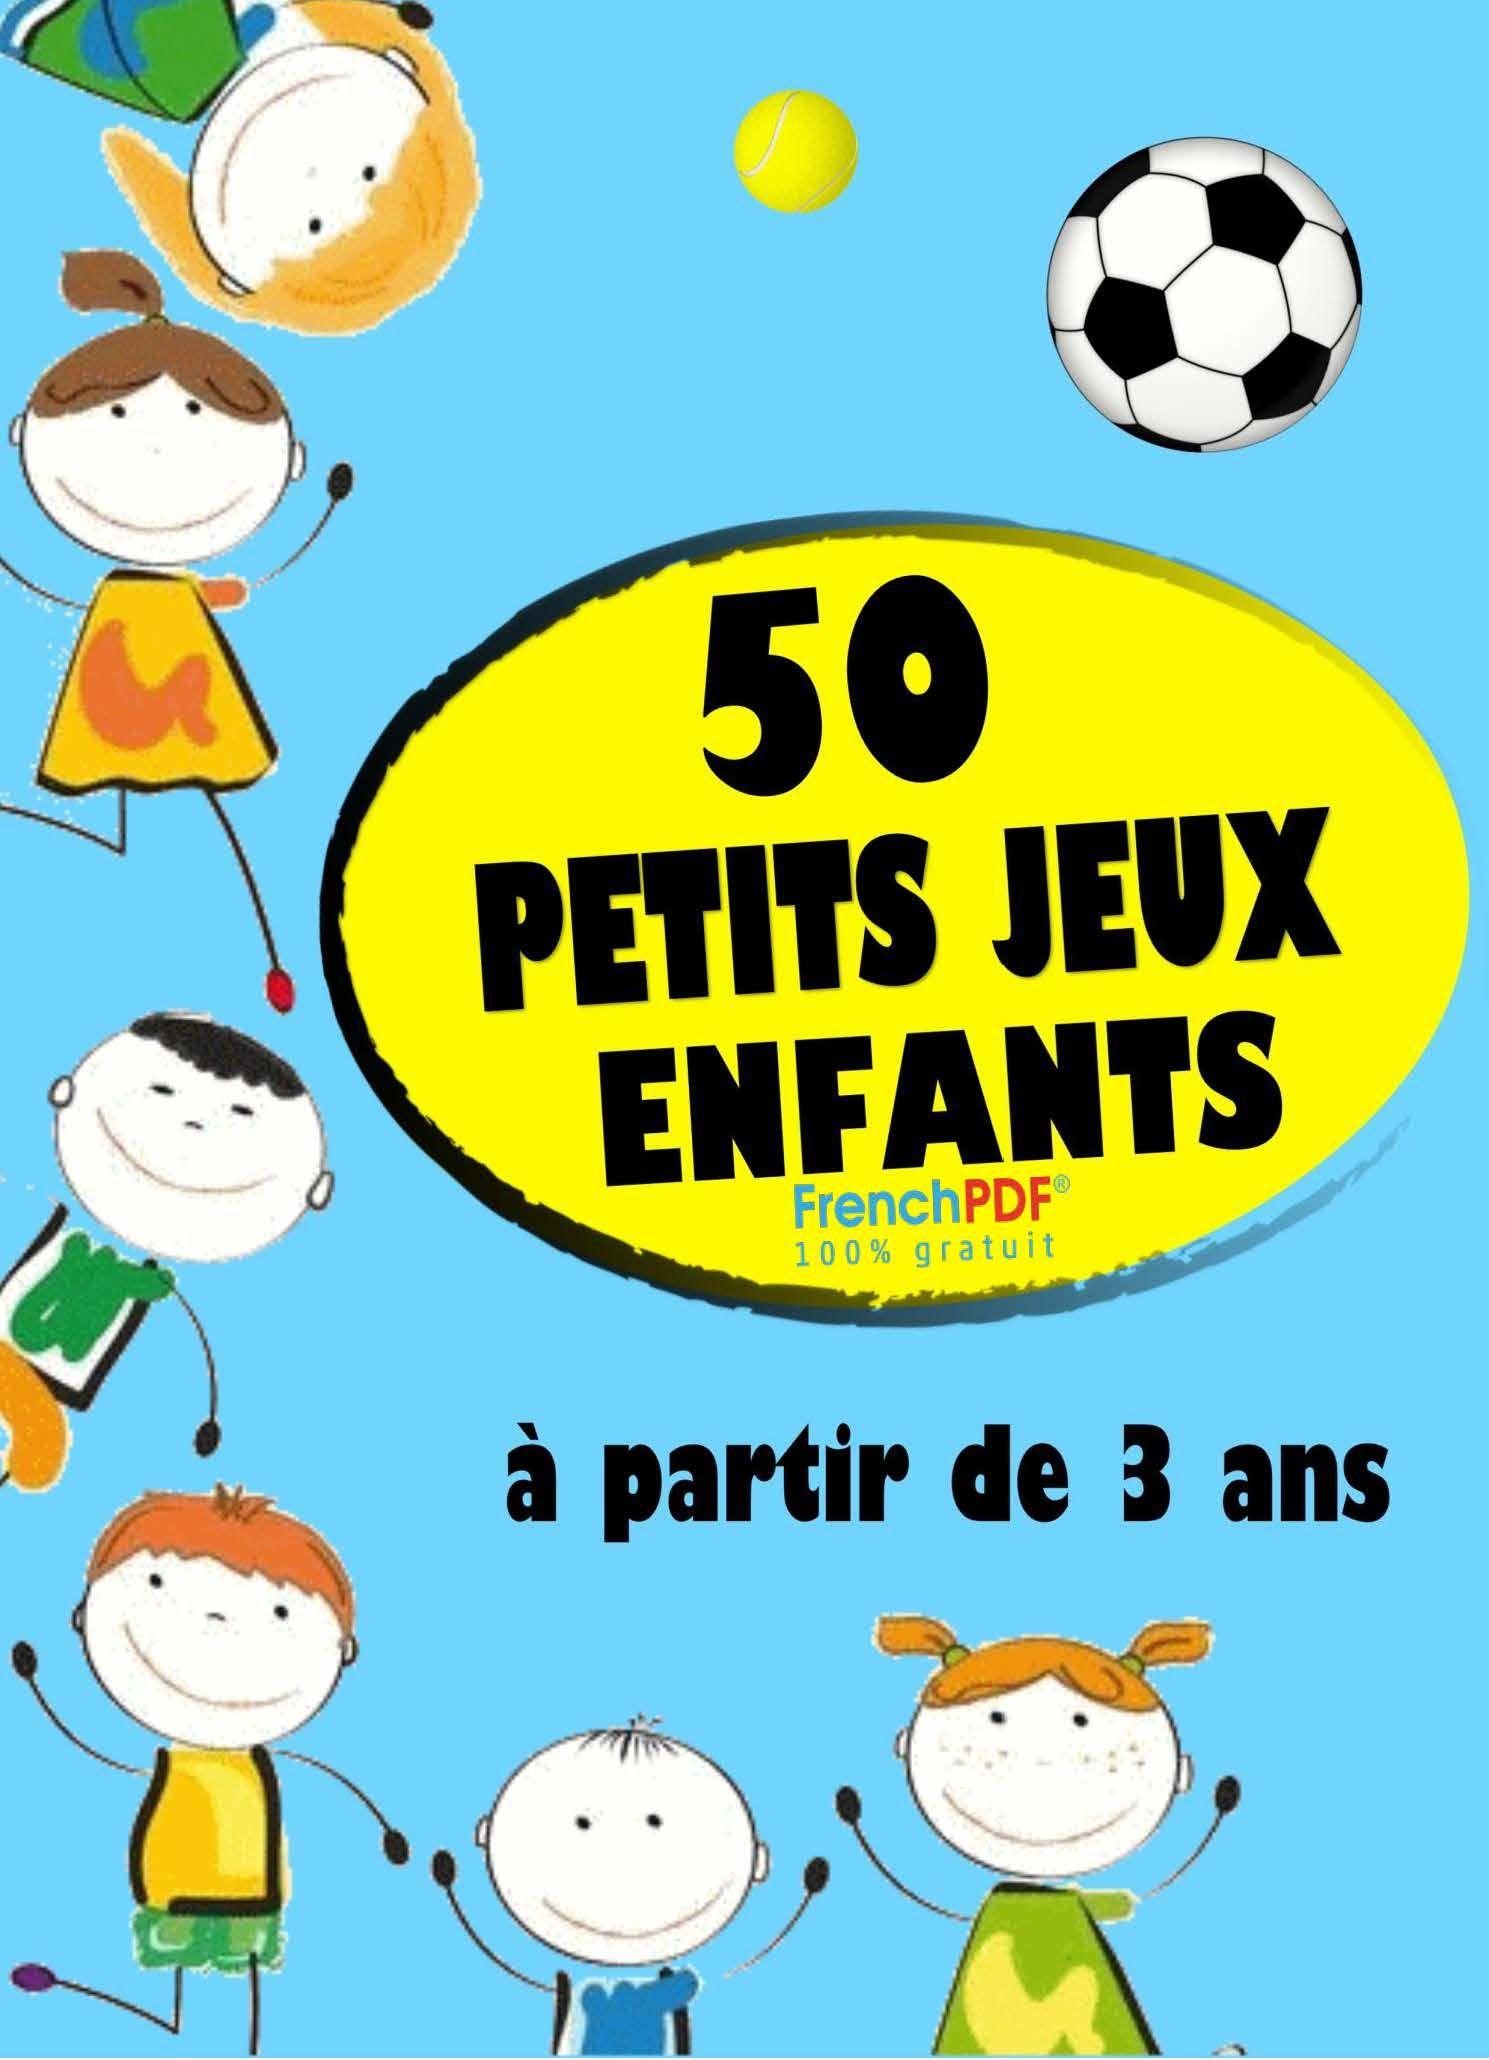 50 Petits Jeux Enfants À Partir 3 Ans Pdf Gratuit Sur concernant Jeux Gratuits Pour Enfants De 3 Ans